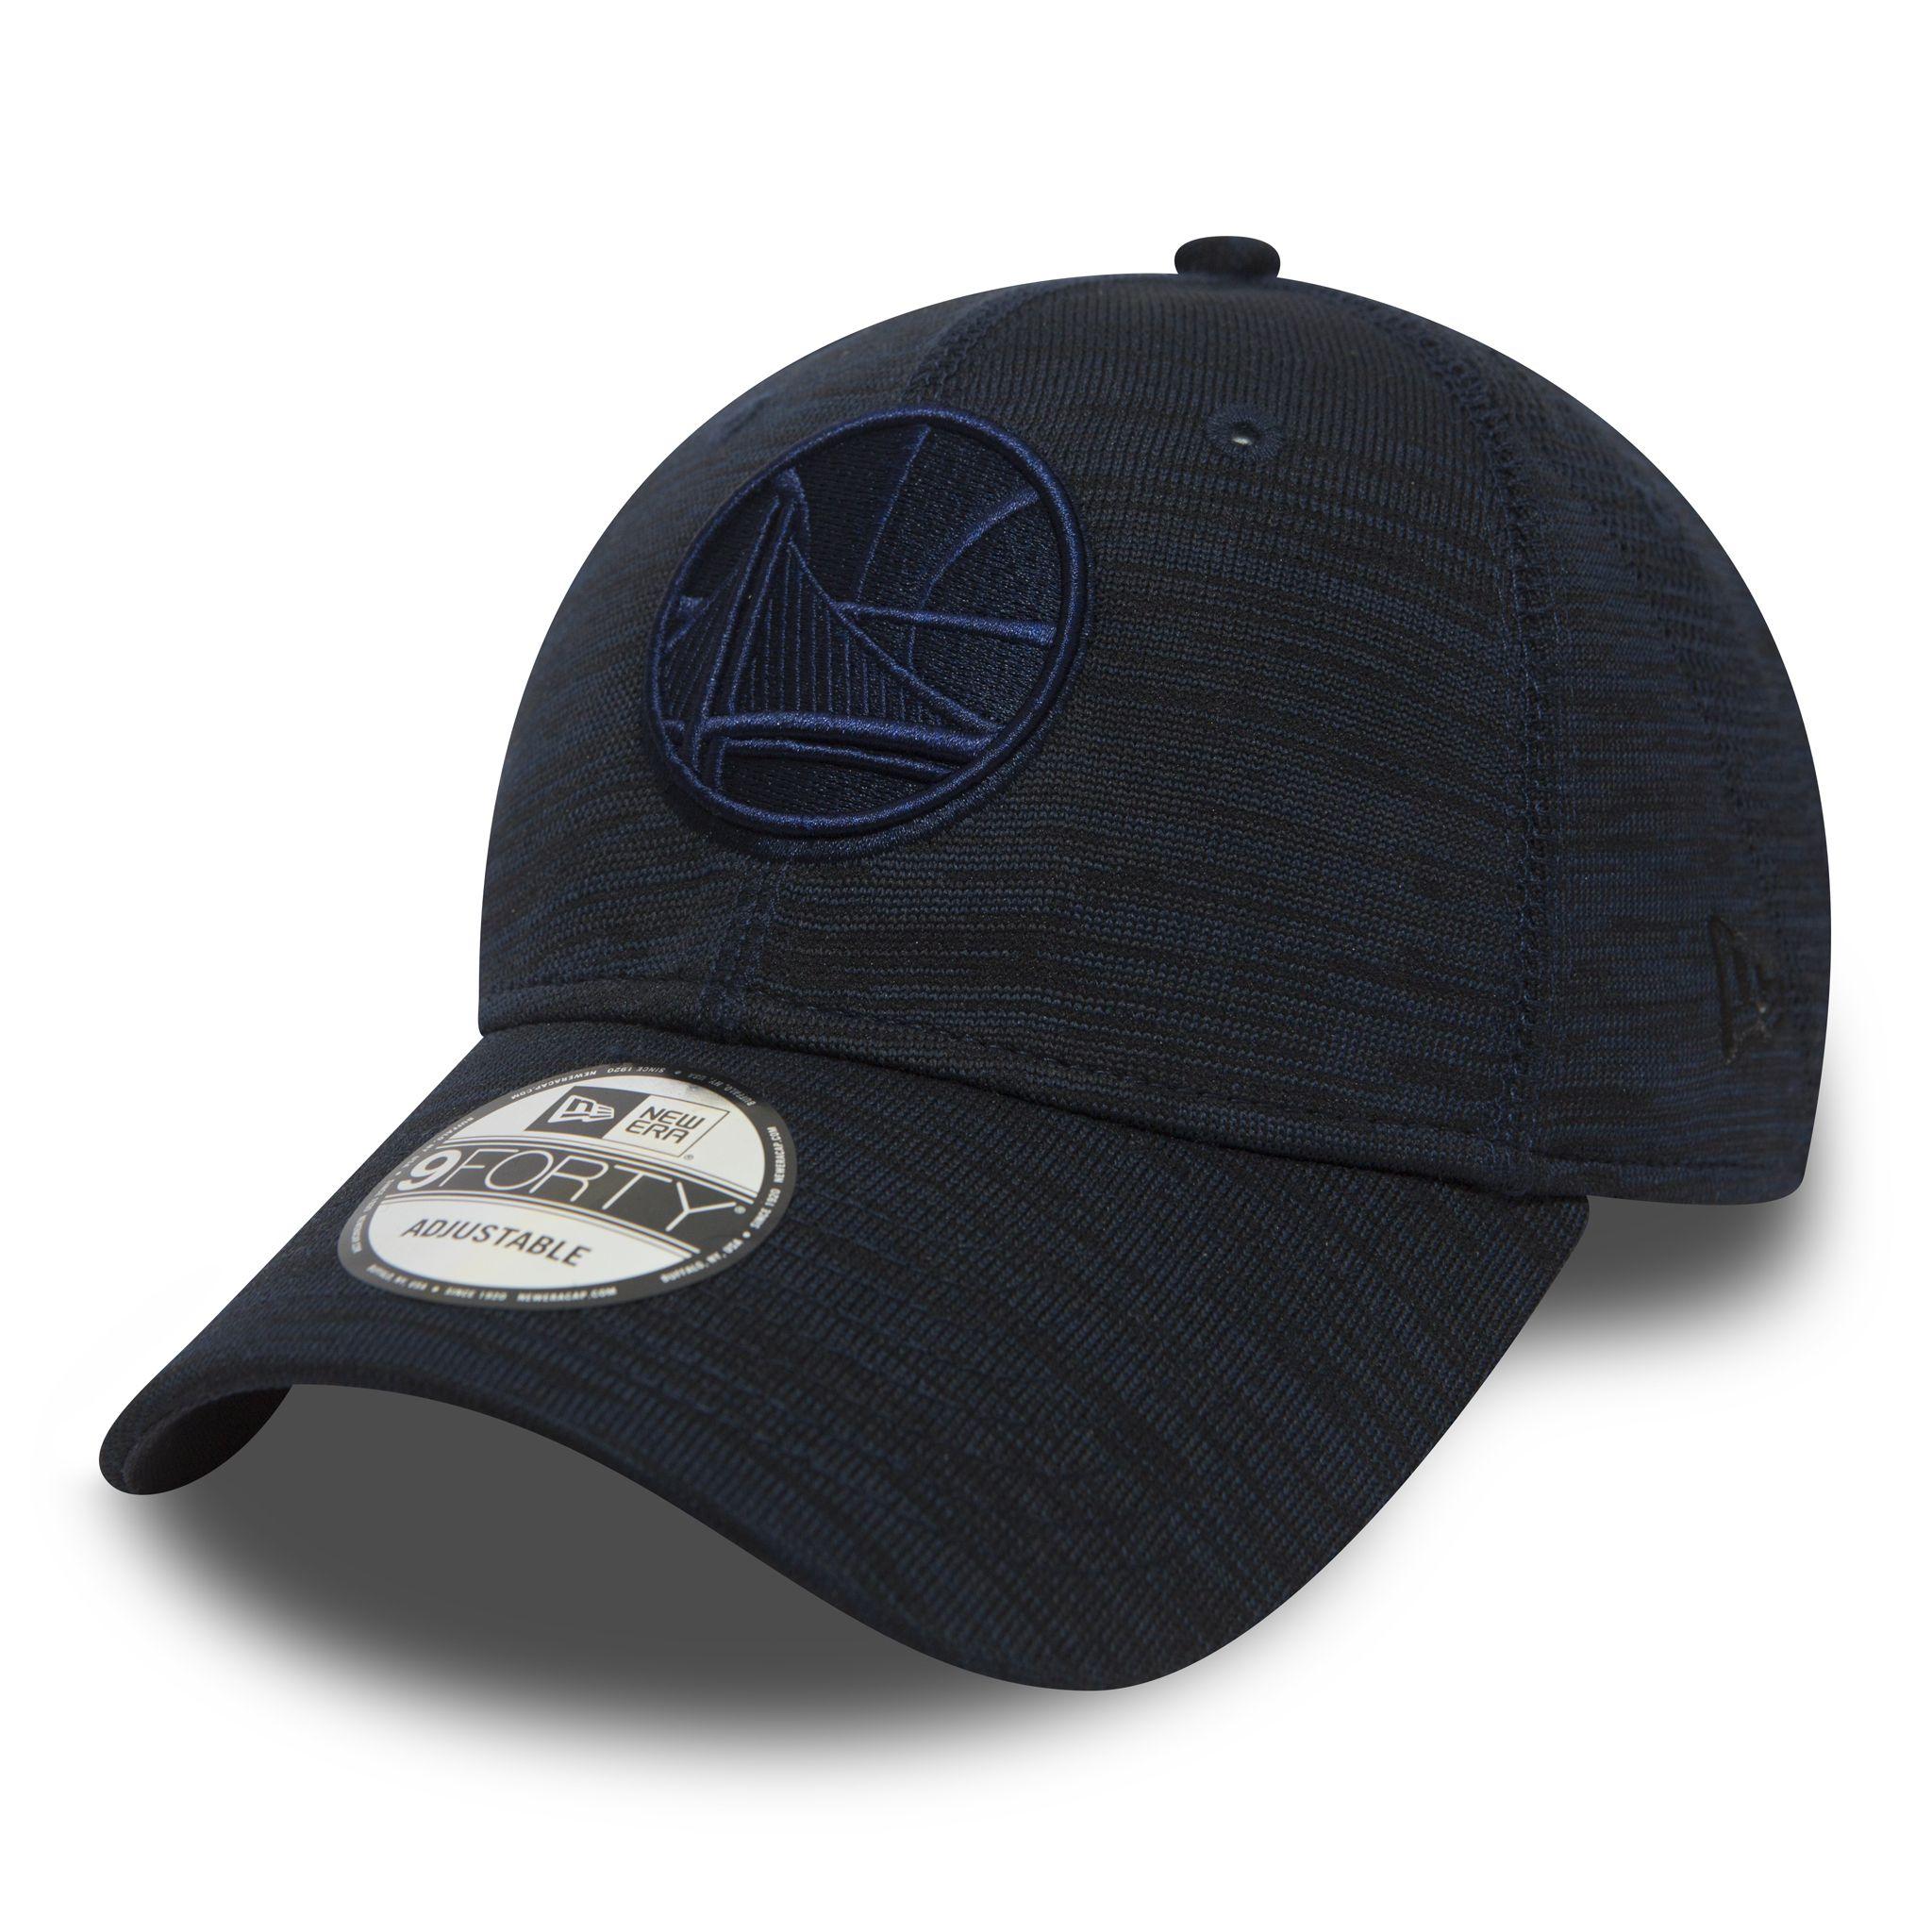 gorra de new era de golden state warriors